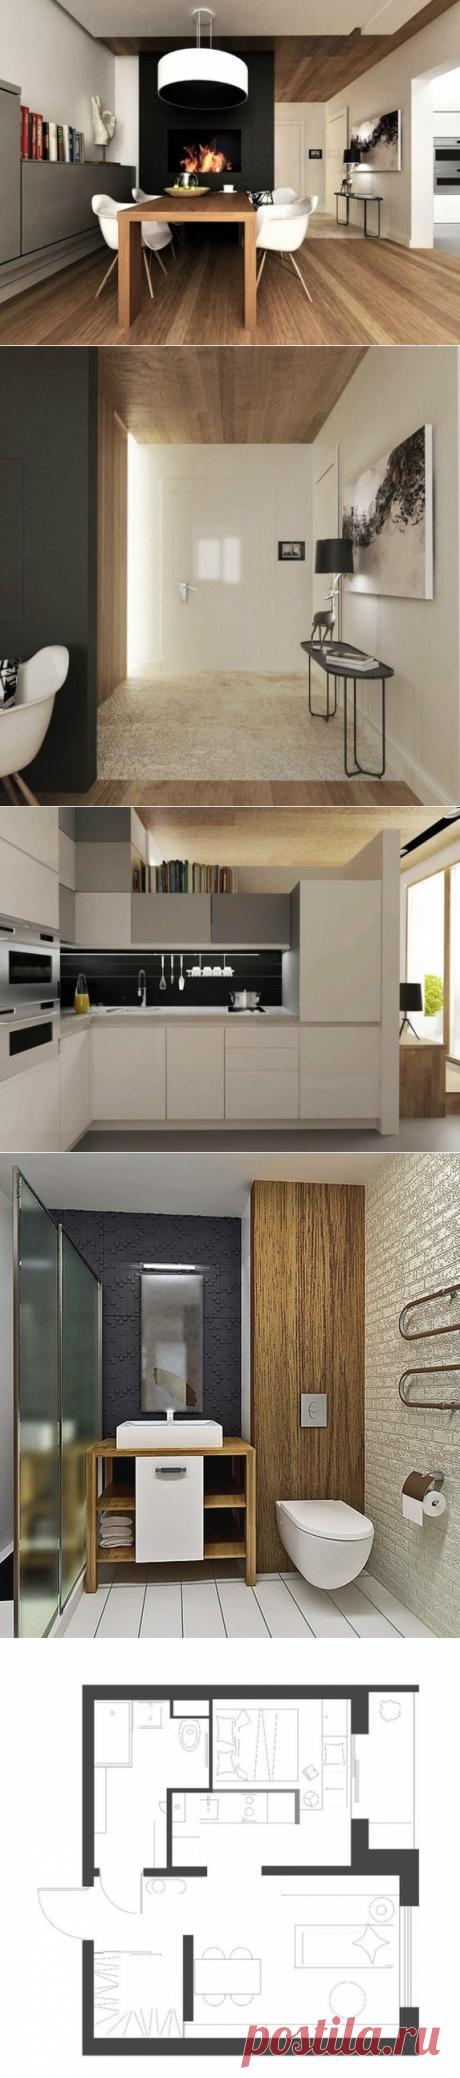 Компактная и уютная однокомнатная квартира - Дизайн интерьеров   Идеи вашего дома   Lodgers